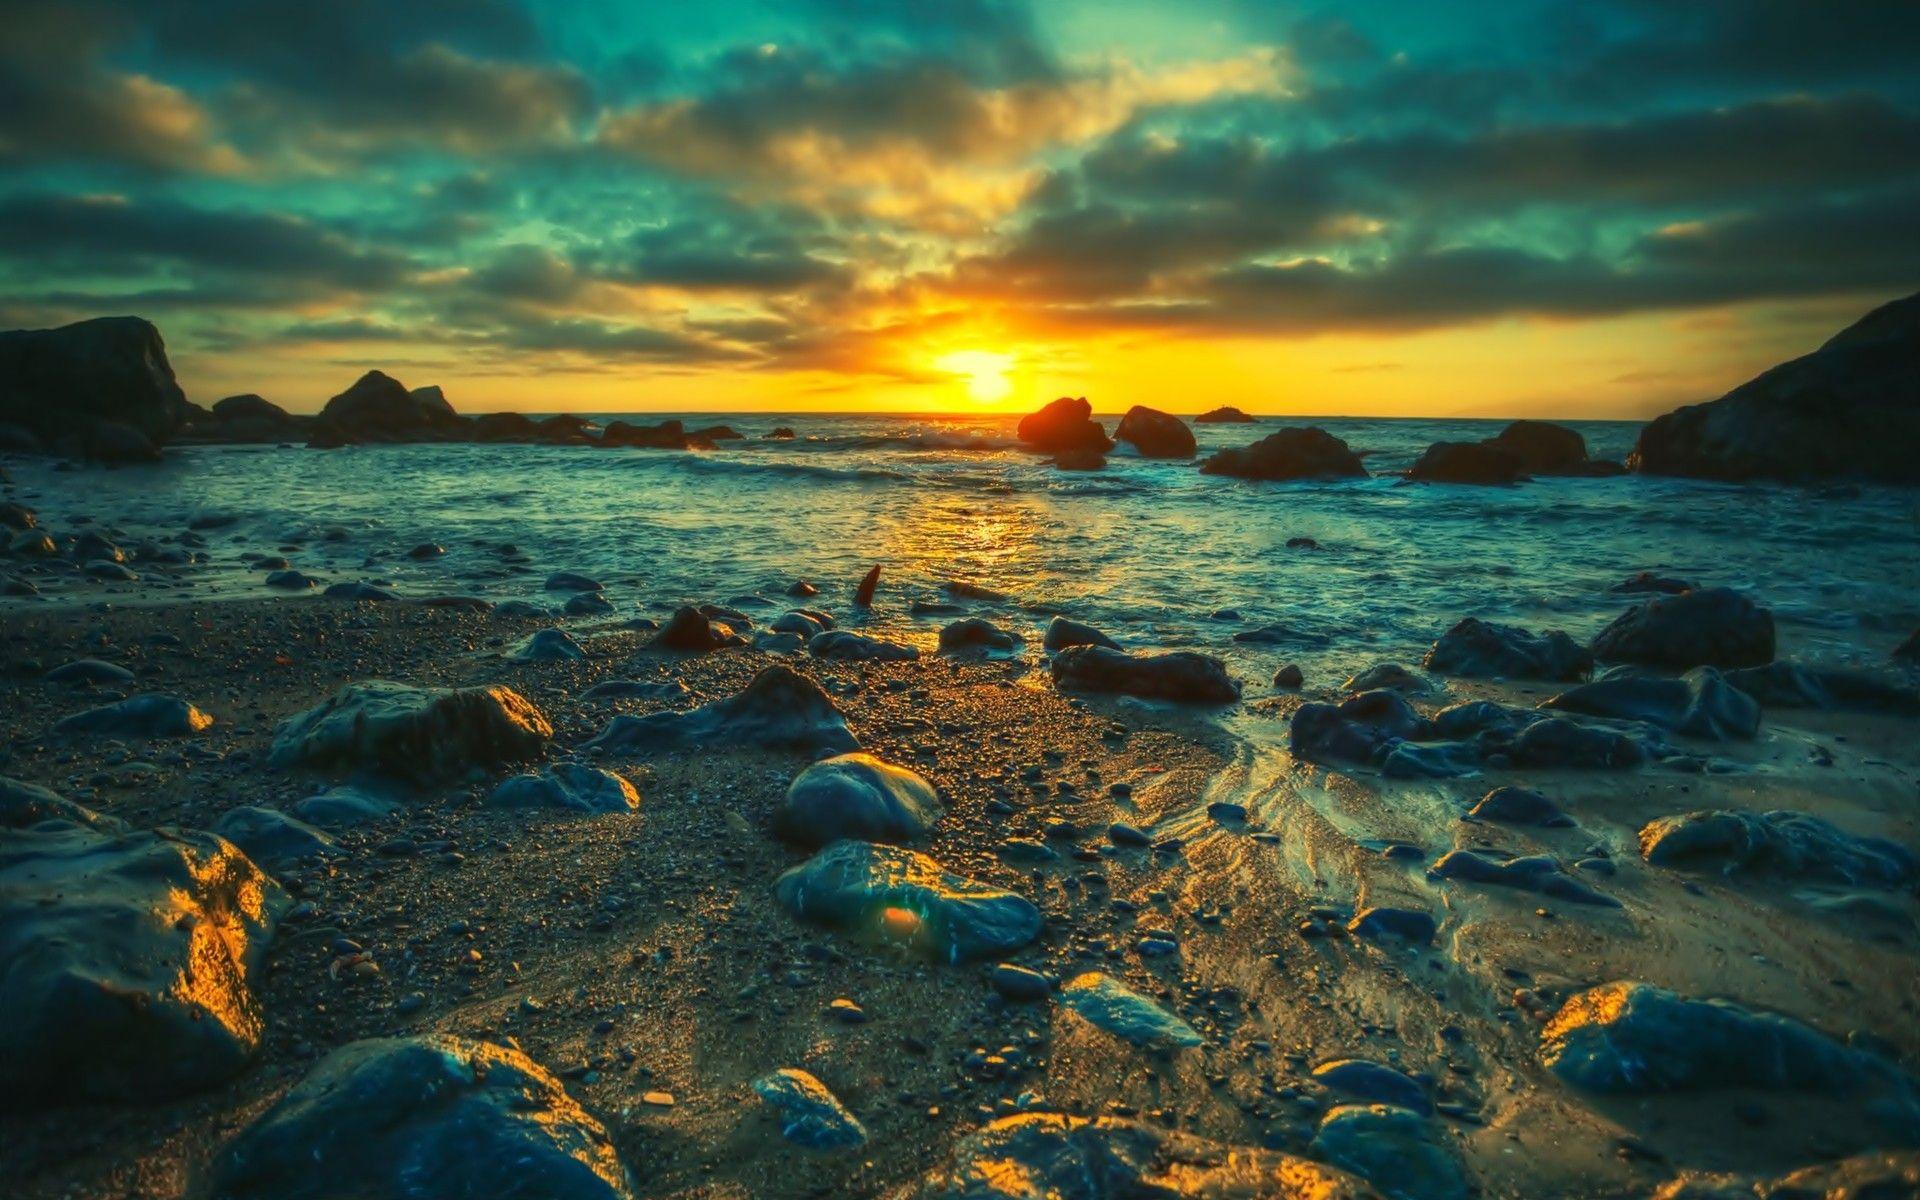 Landscapes sunset landscapes nature seas shore fresh new